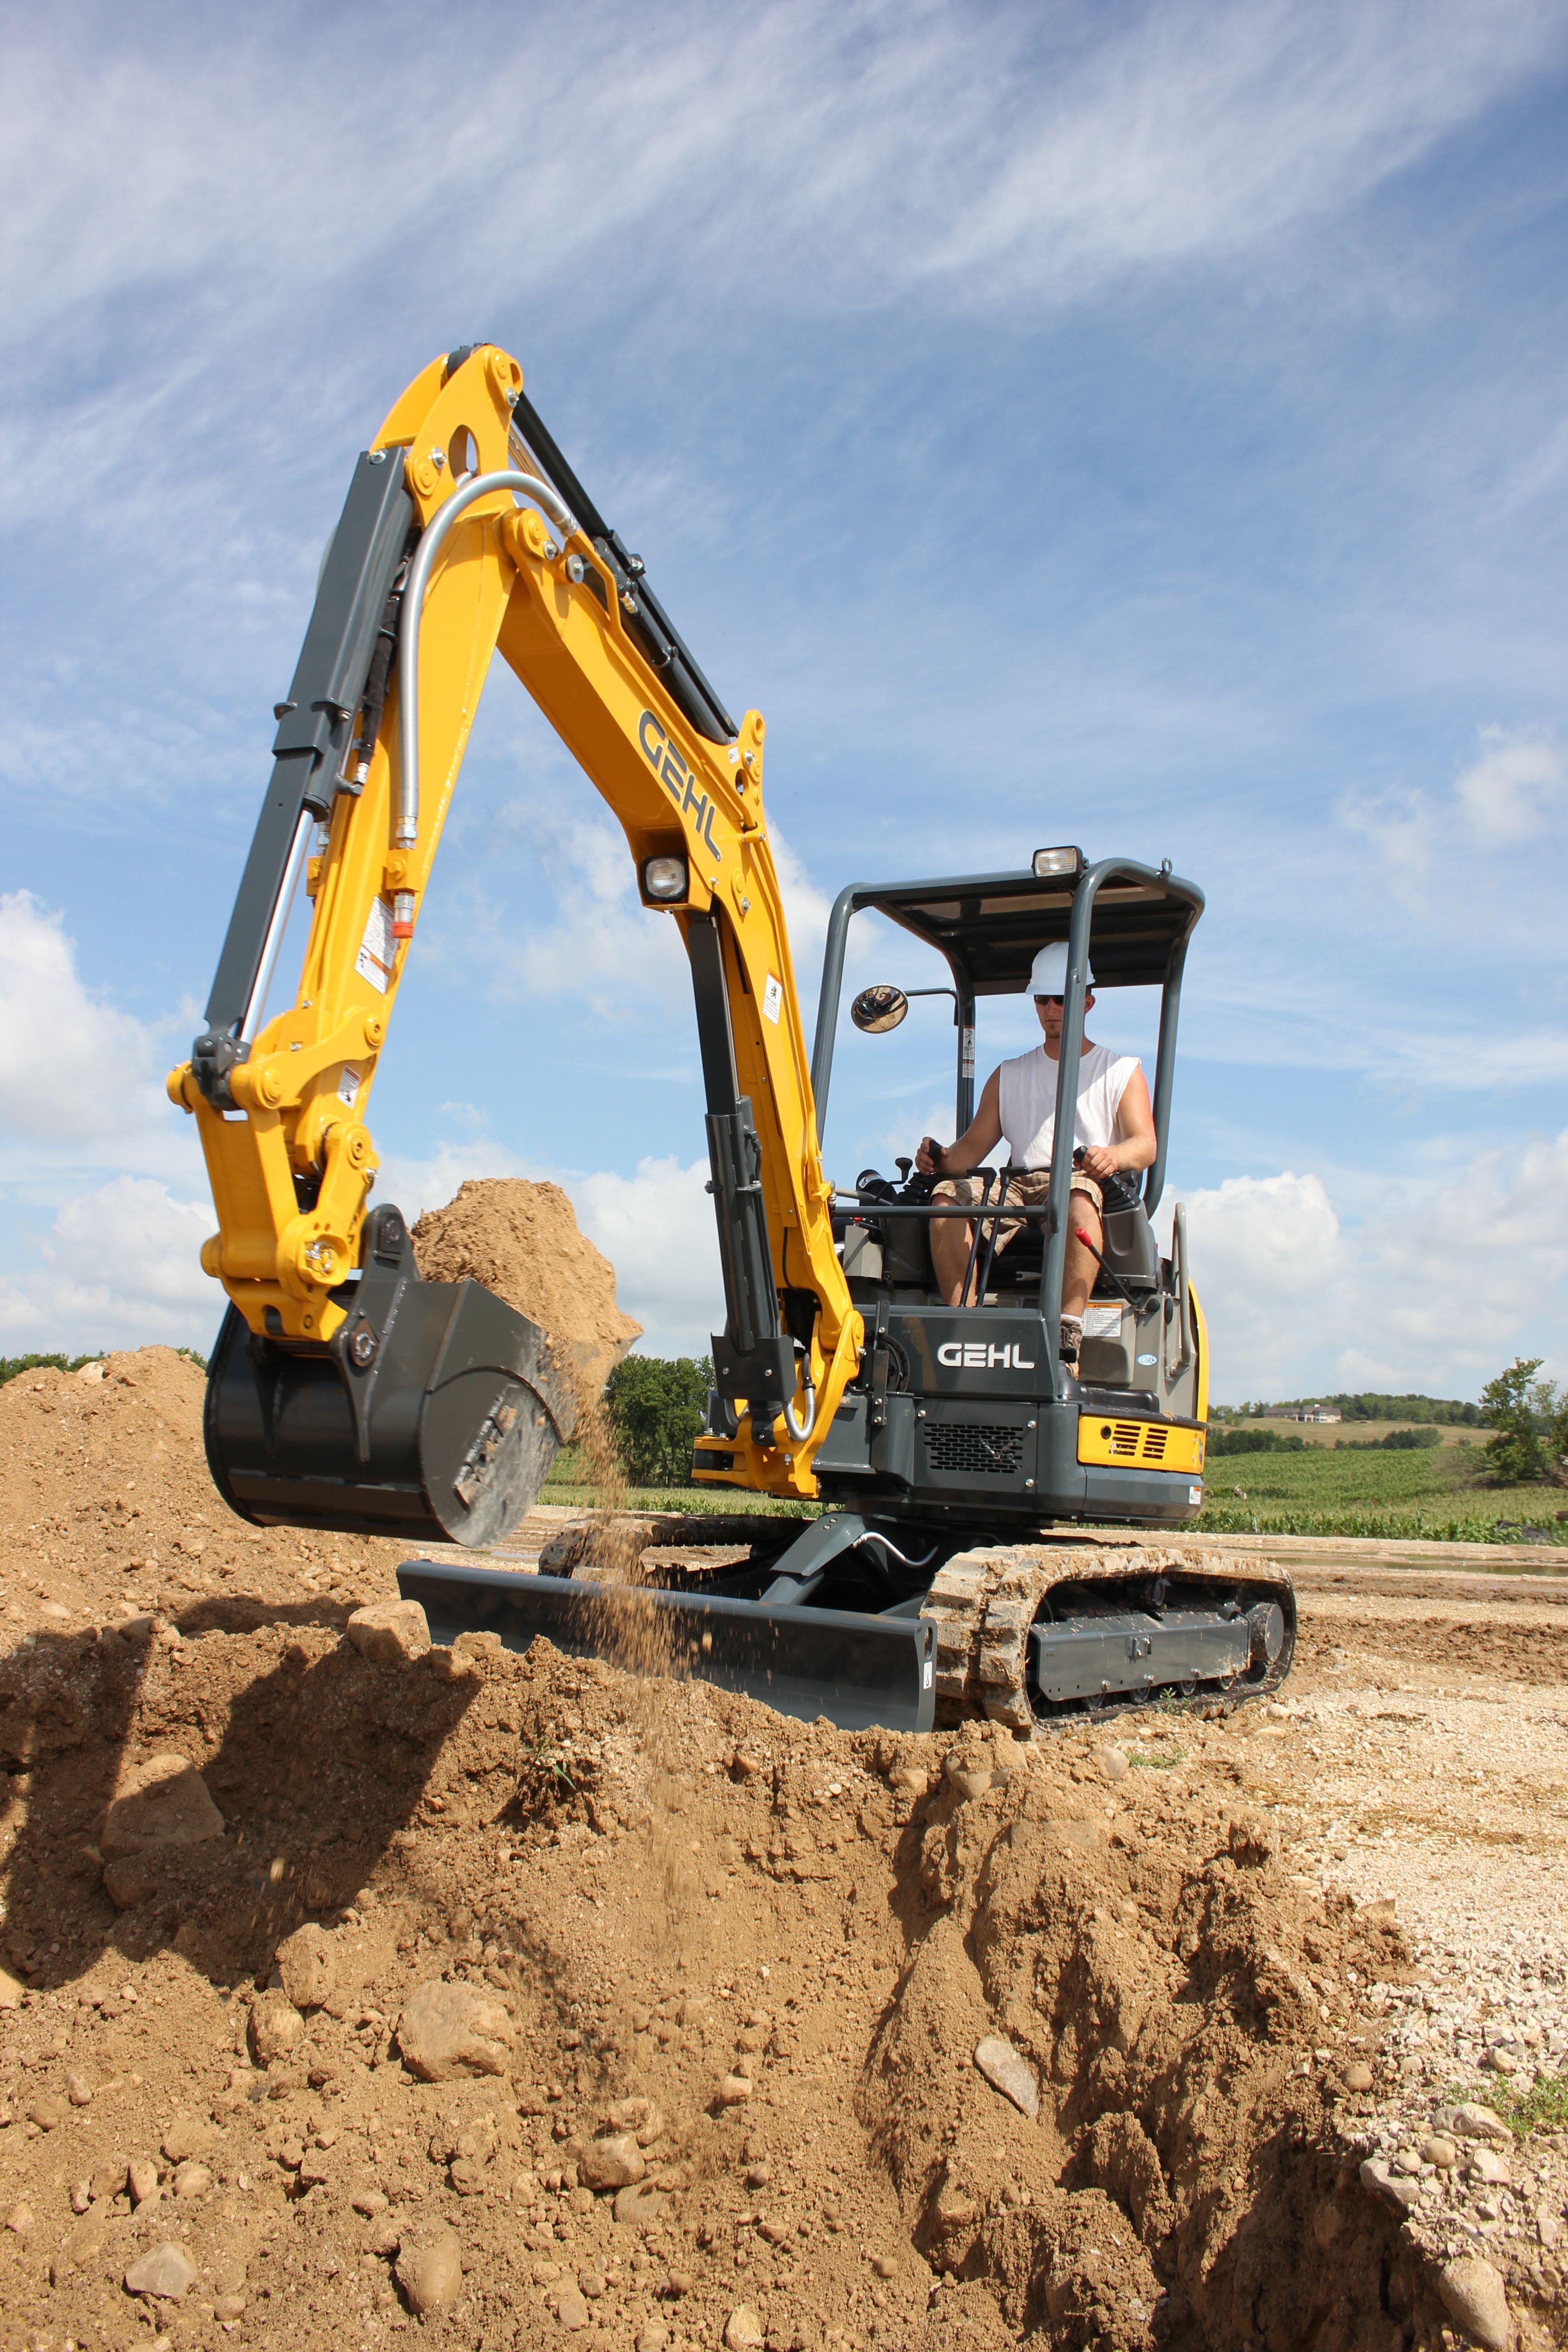 Gehl's Z35 compact excavator has a digging depth of 10